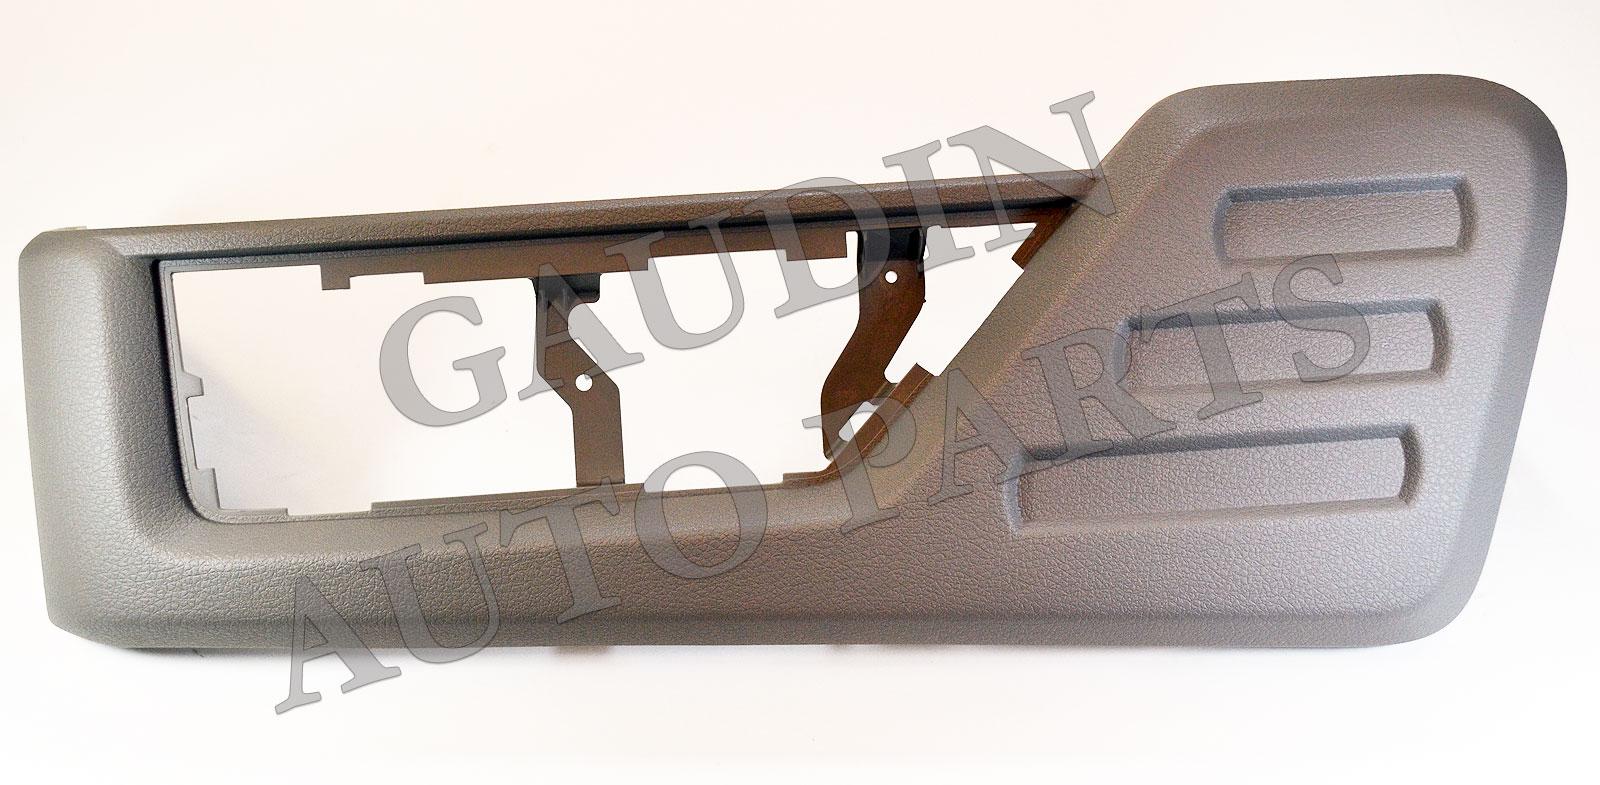 ford oem 08 10 f 250 super duty seat cover side left. Black Bedroom Furniture Sets. Home Design Ideas